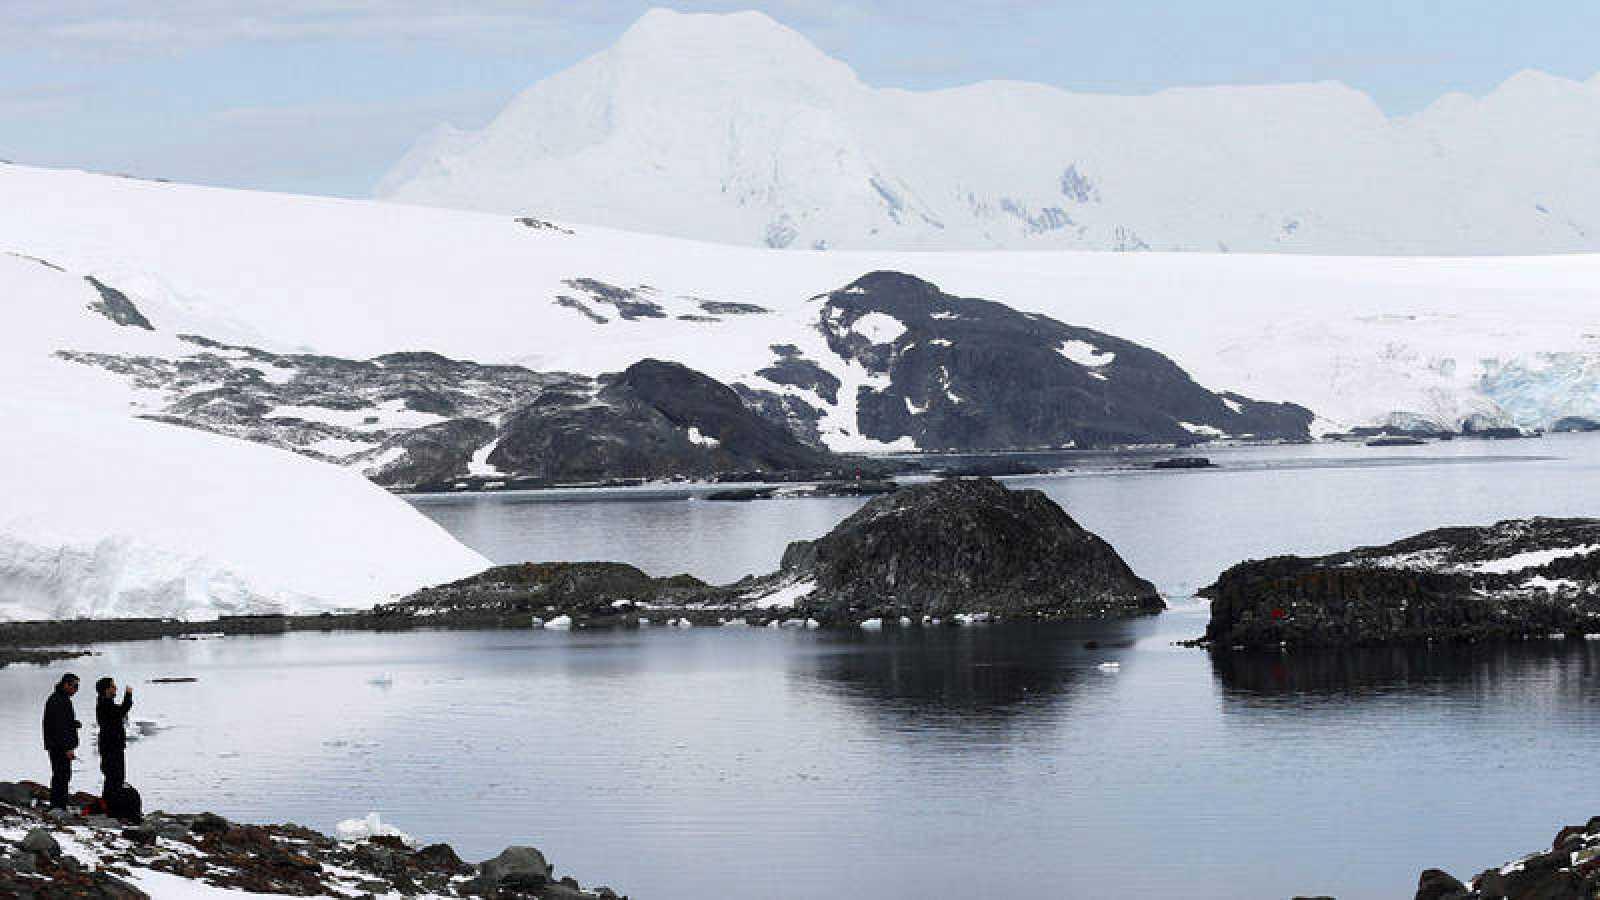 Las muestras de sedimentos antárticos proceden de varias estaciones del Mar de Weddell y frente a la Península Antártica.